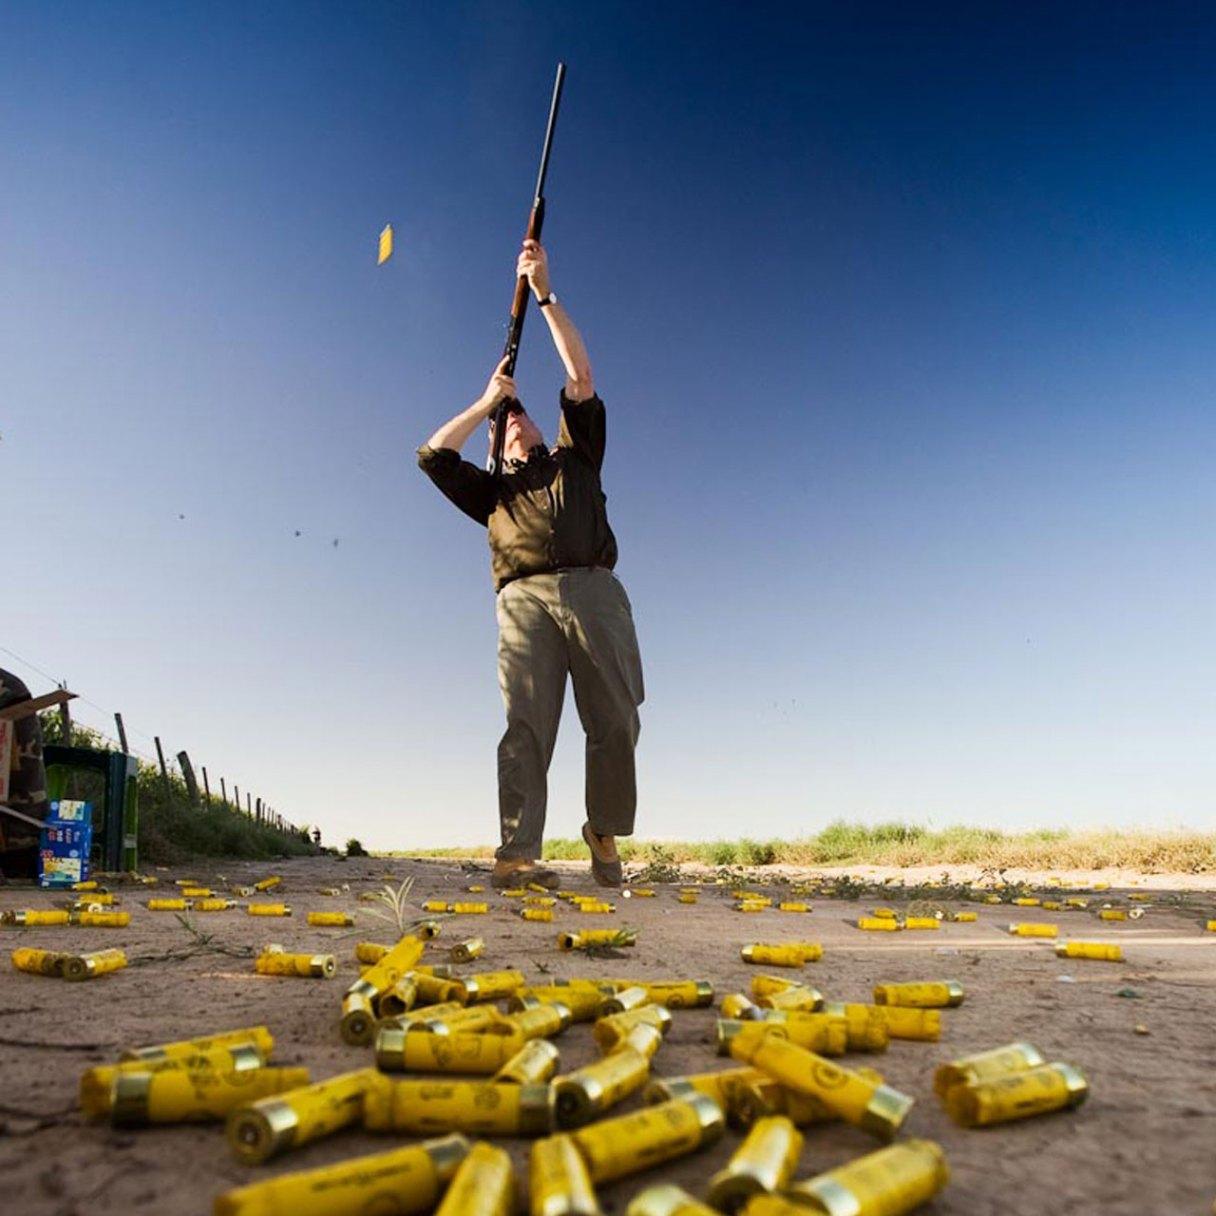 Frontera La Zenaida Shooting